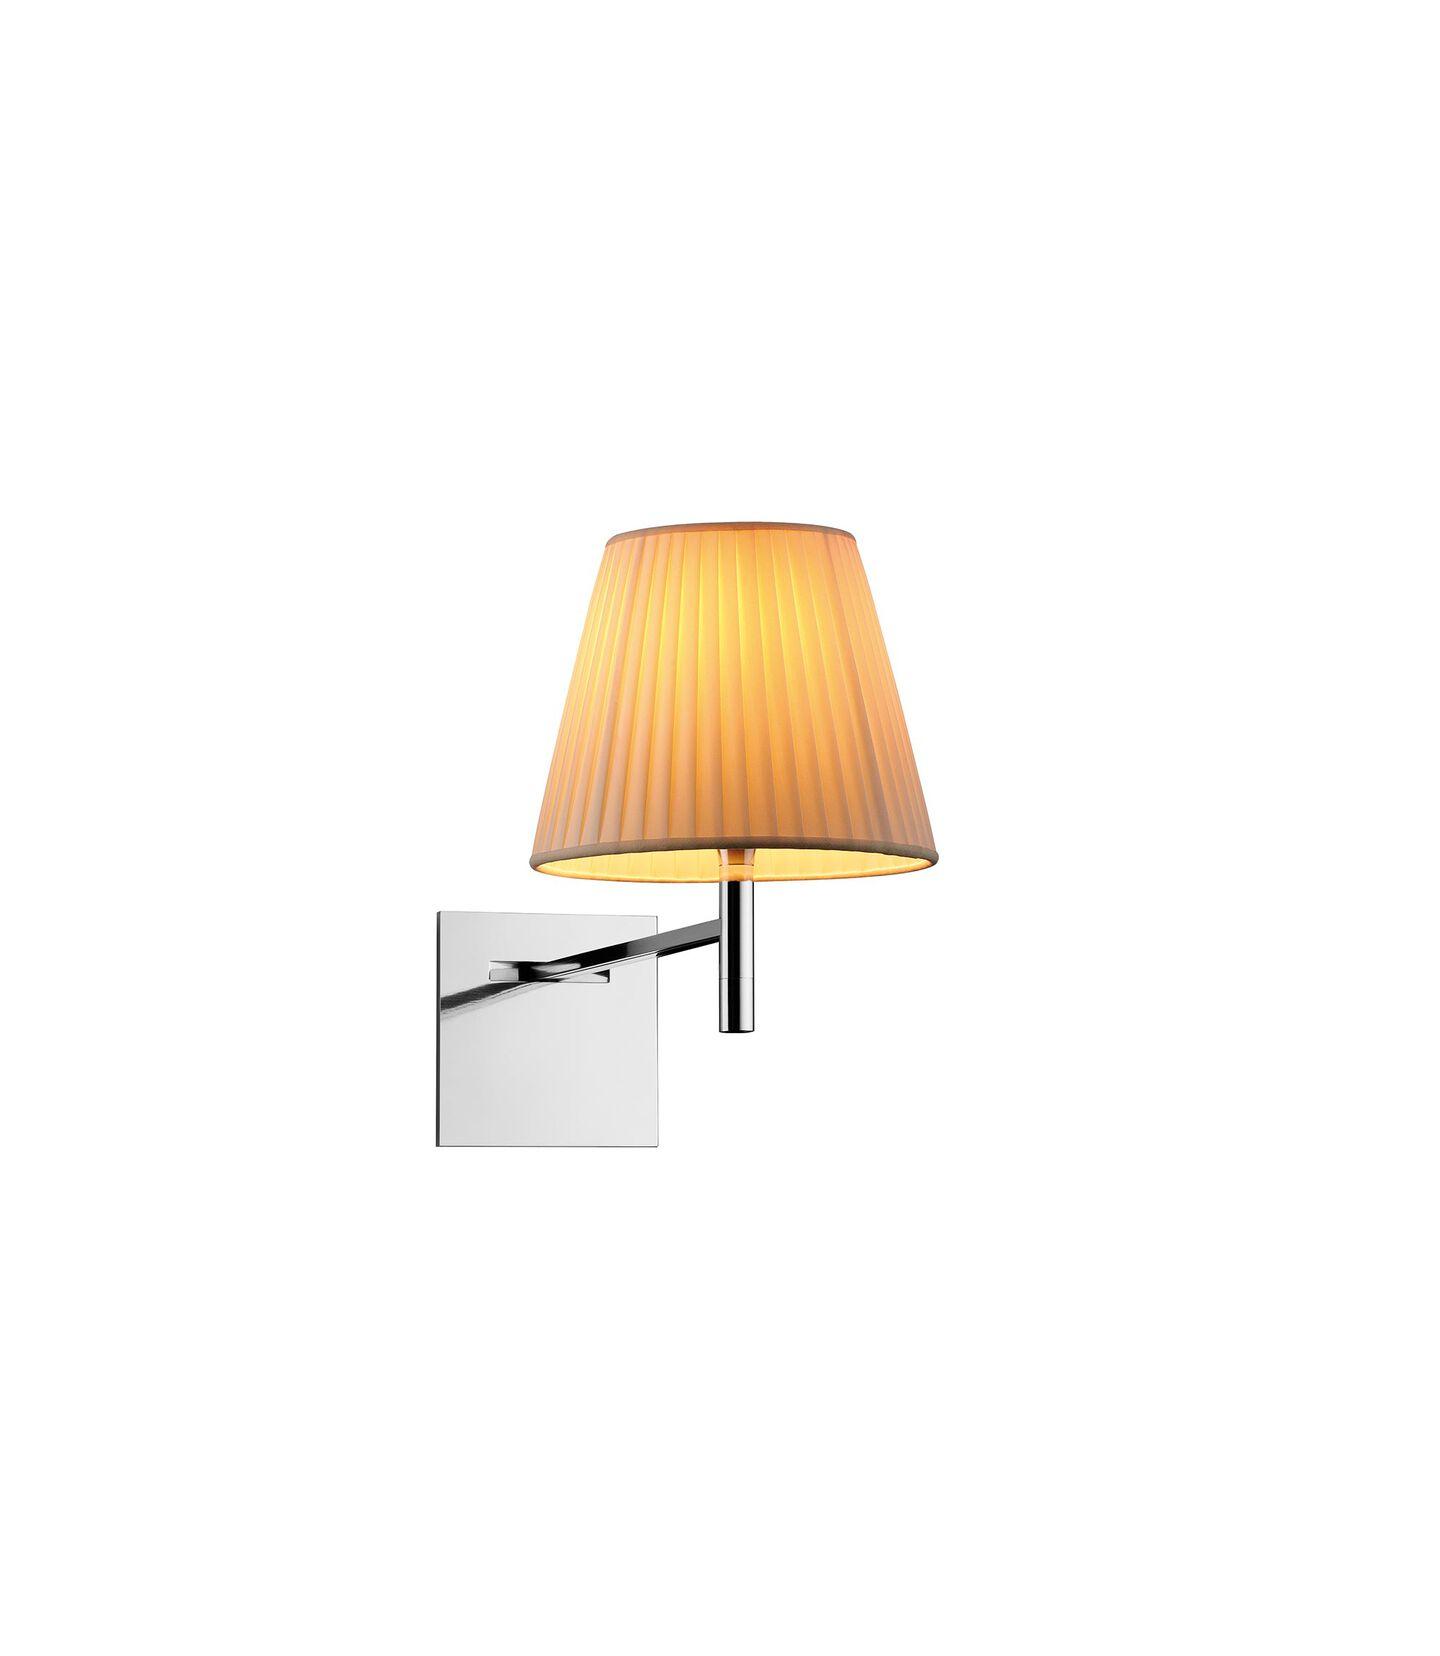 ktribe-wall-starck-flos-F6307007-product-still-life-big-1